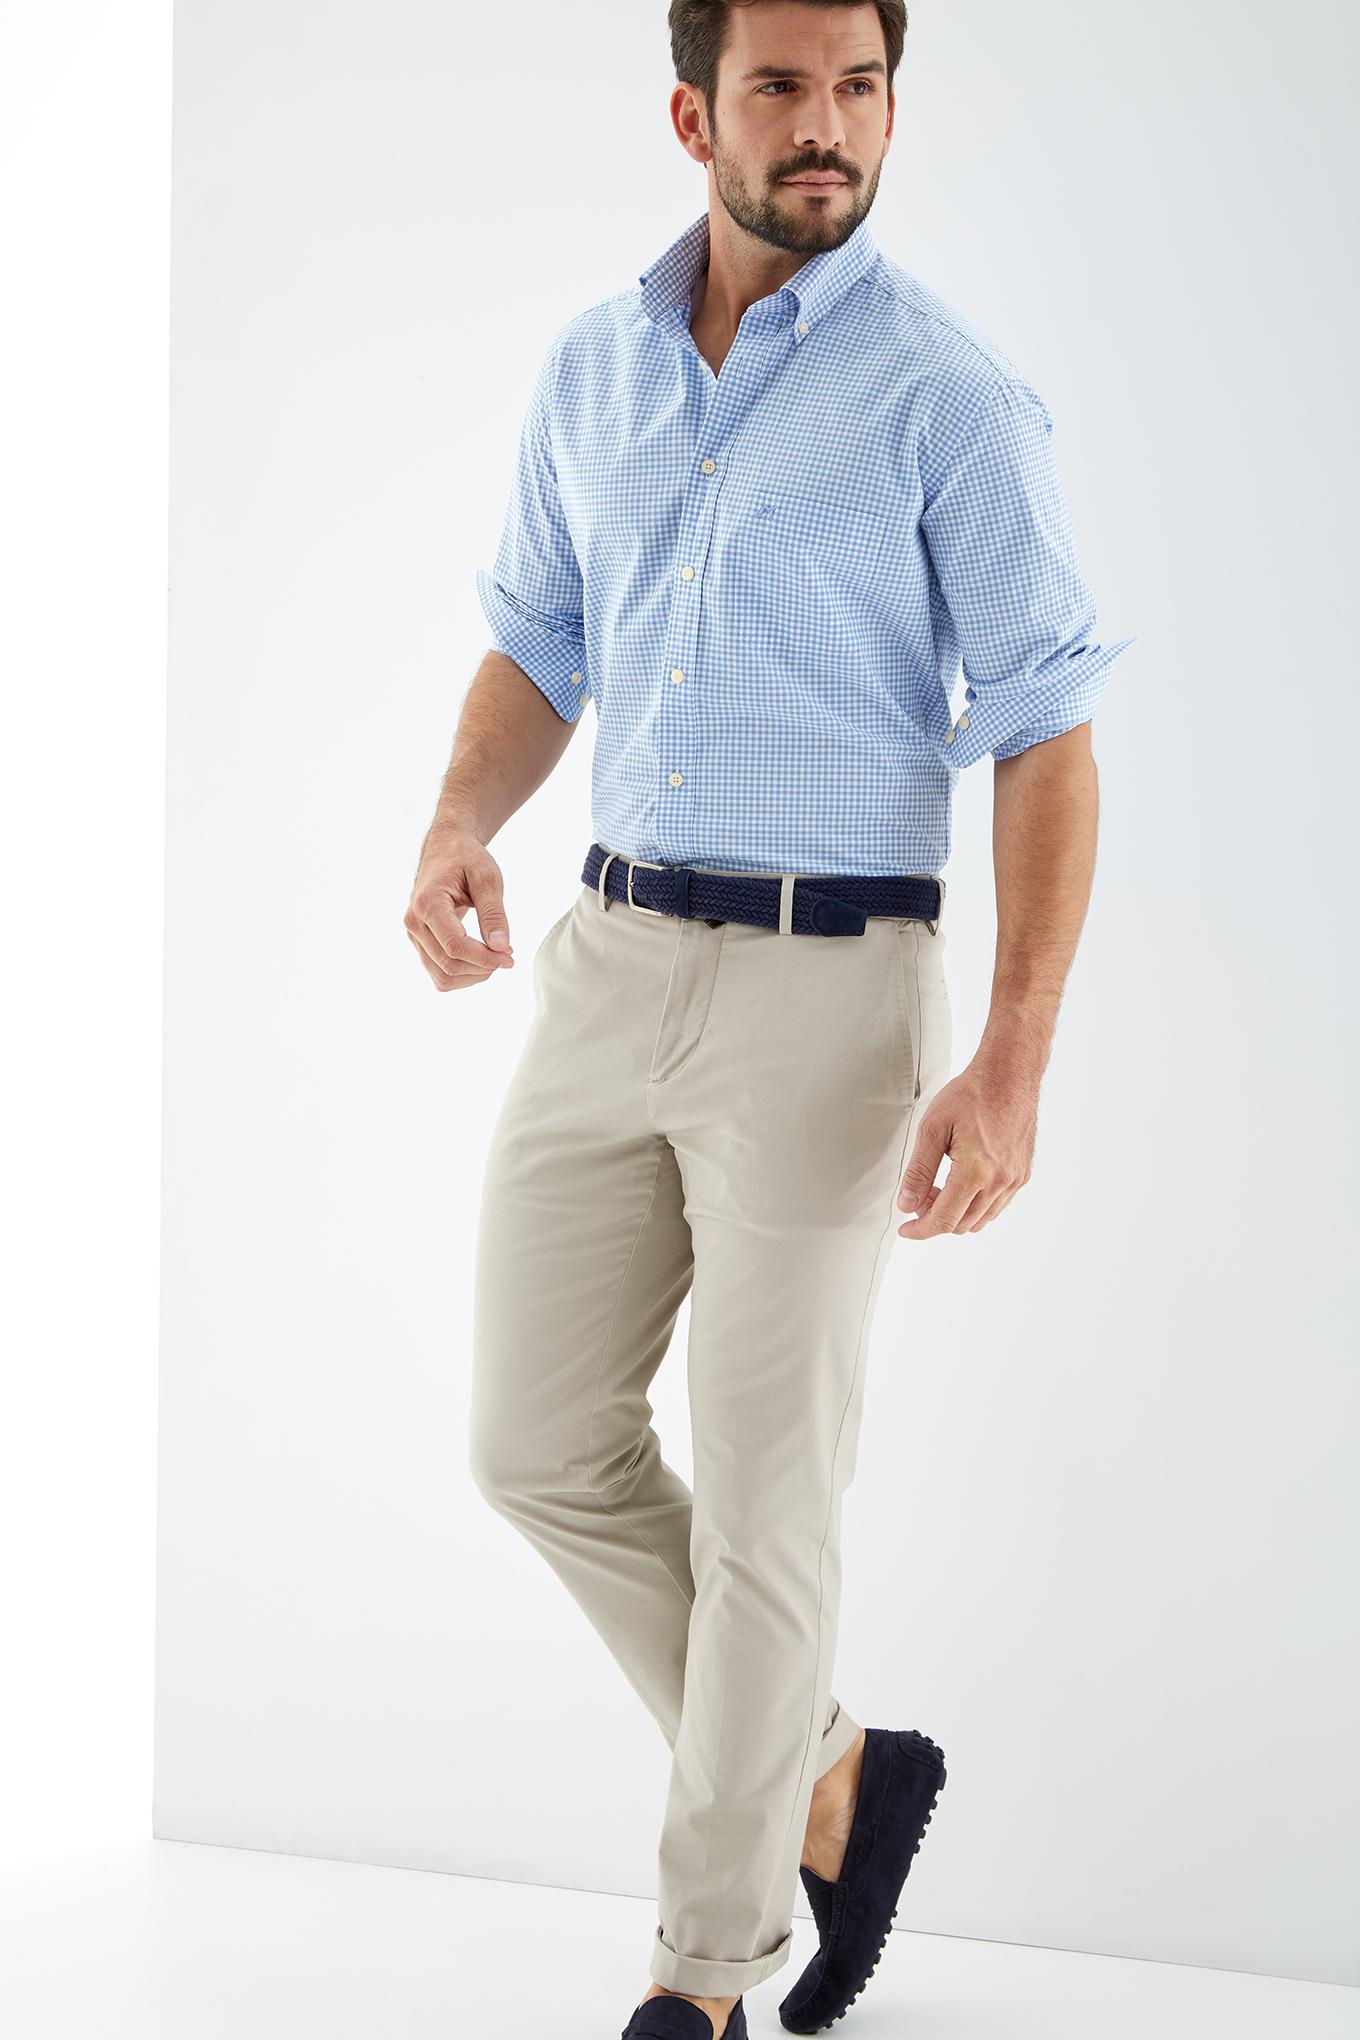 Shirt Blue Sport Man